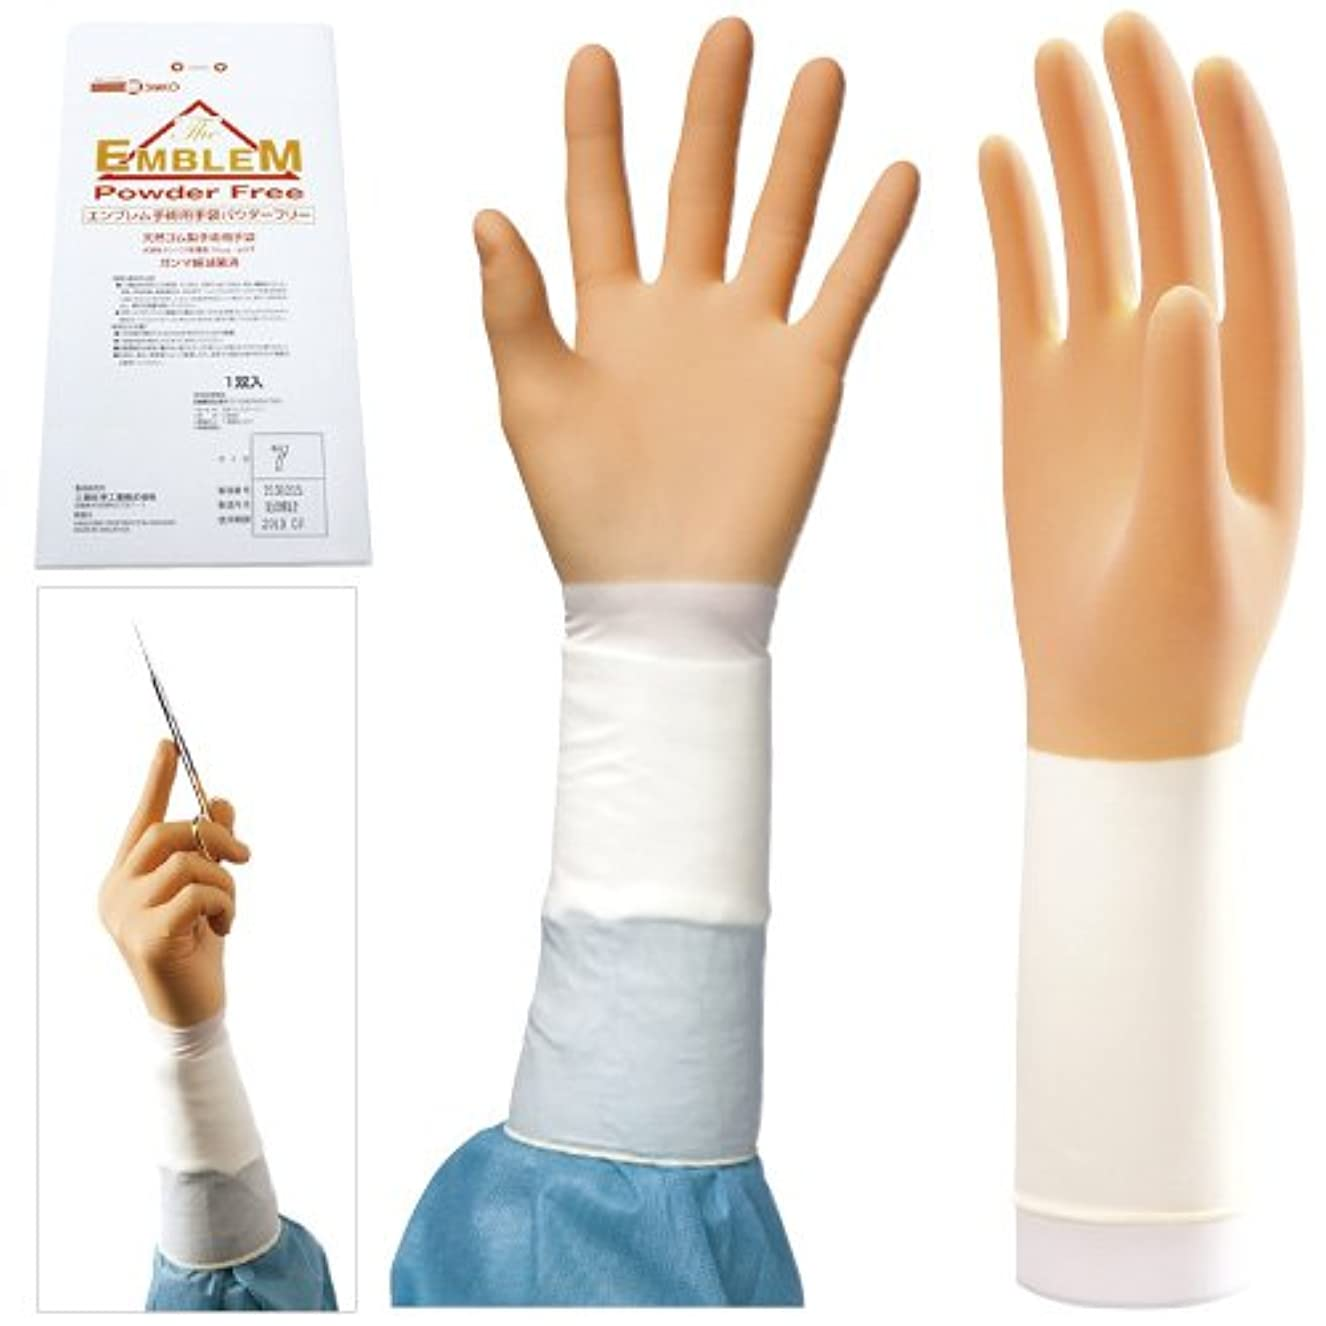 女優契約するグローバルエンブレム手術用手袋 パウダーフリー NEW(20双入) 7